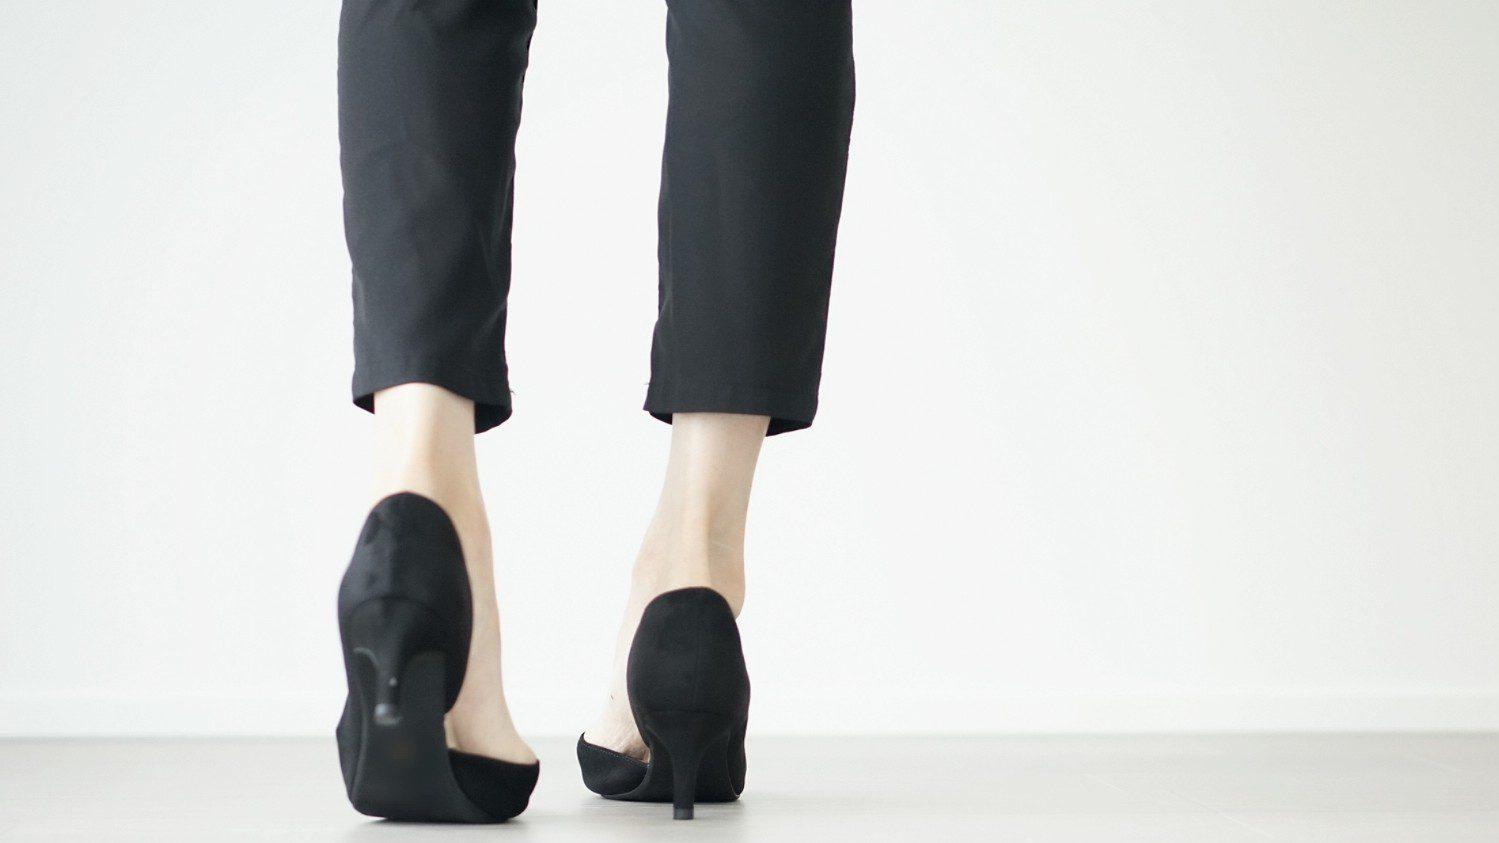 黒いハイヒールを履いた女性の足元